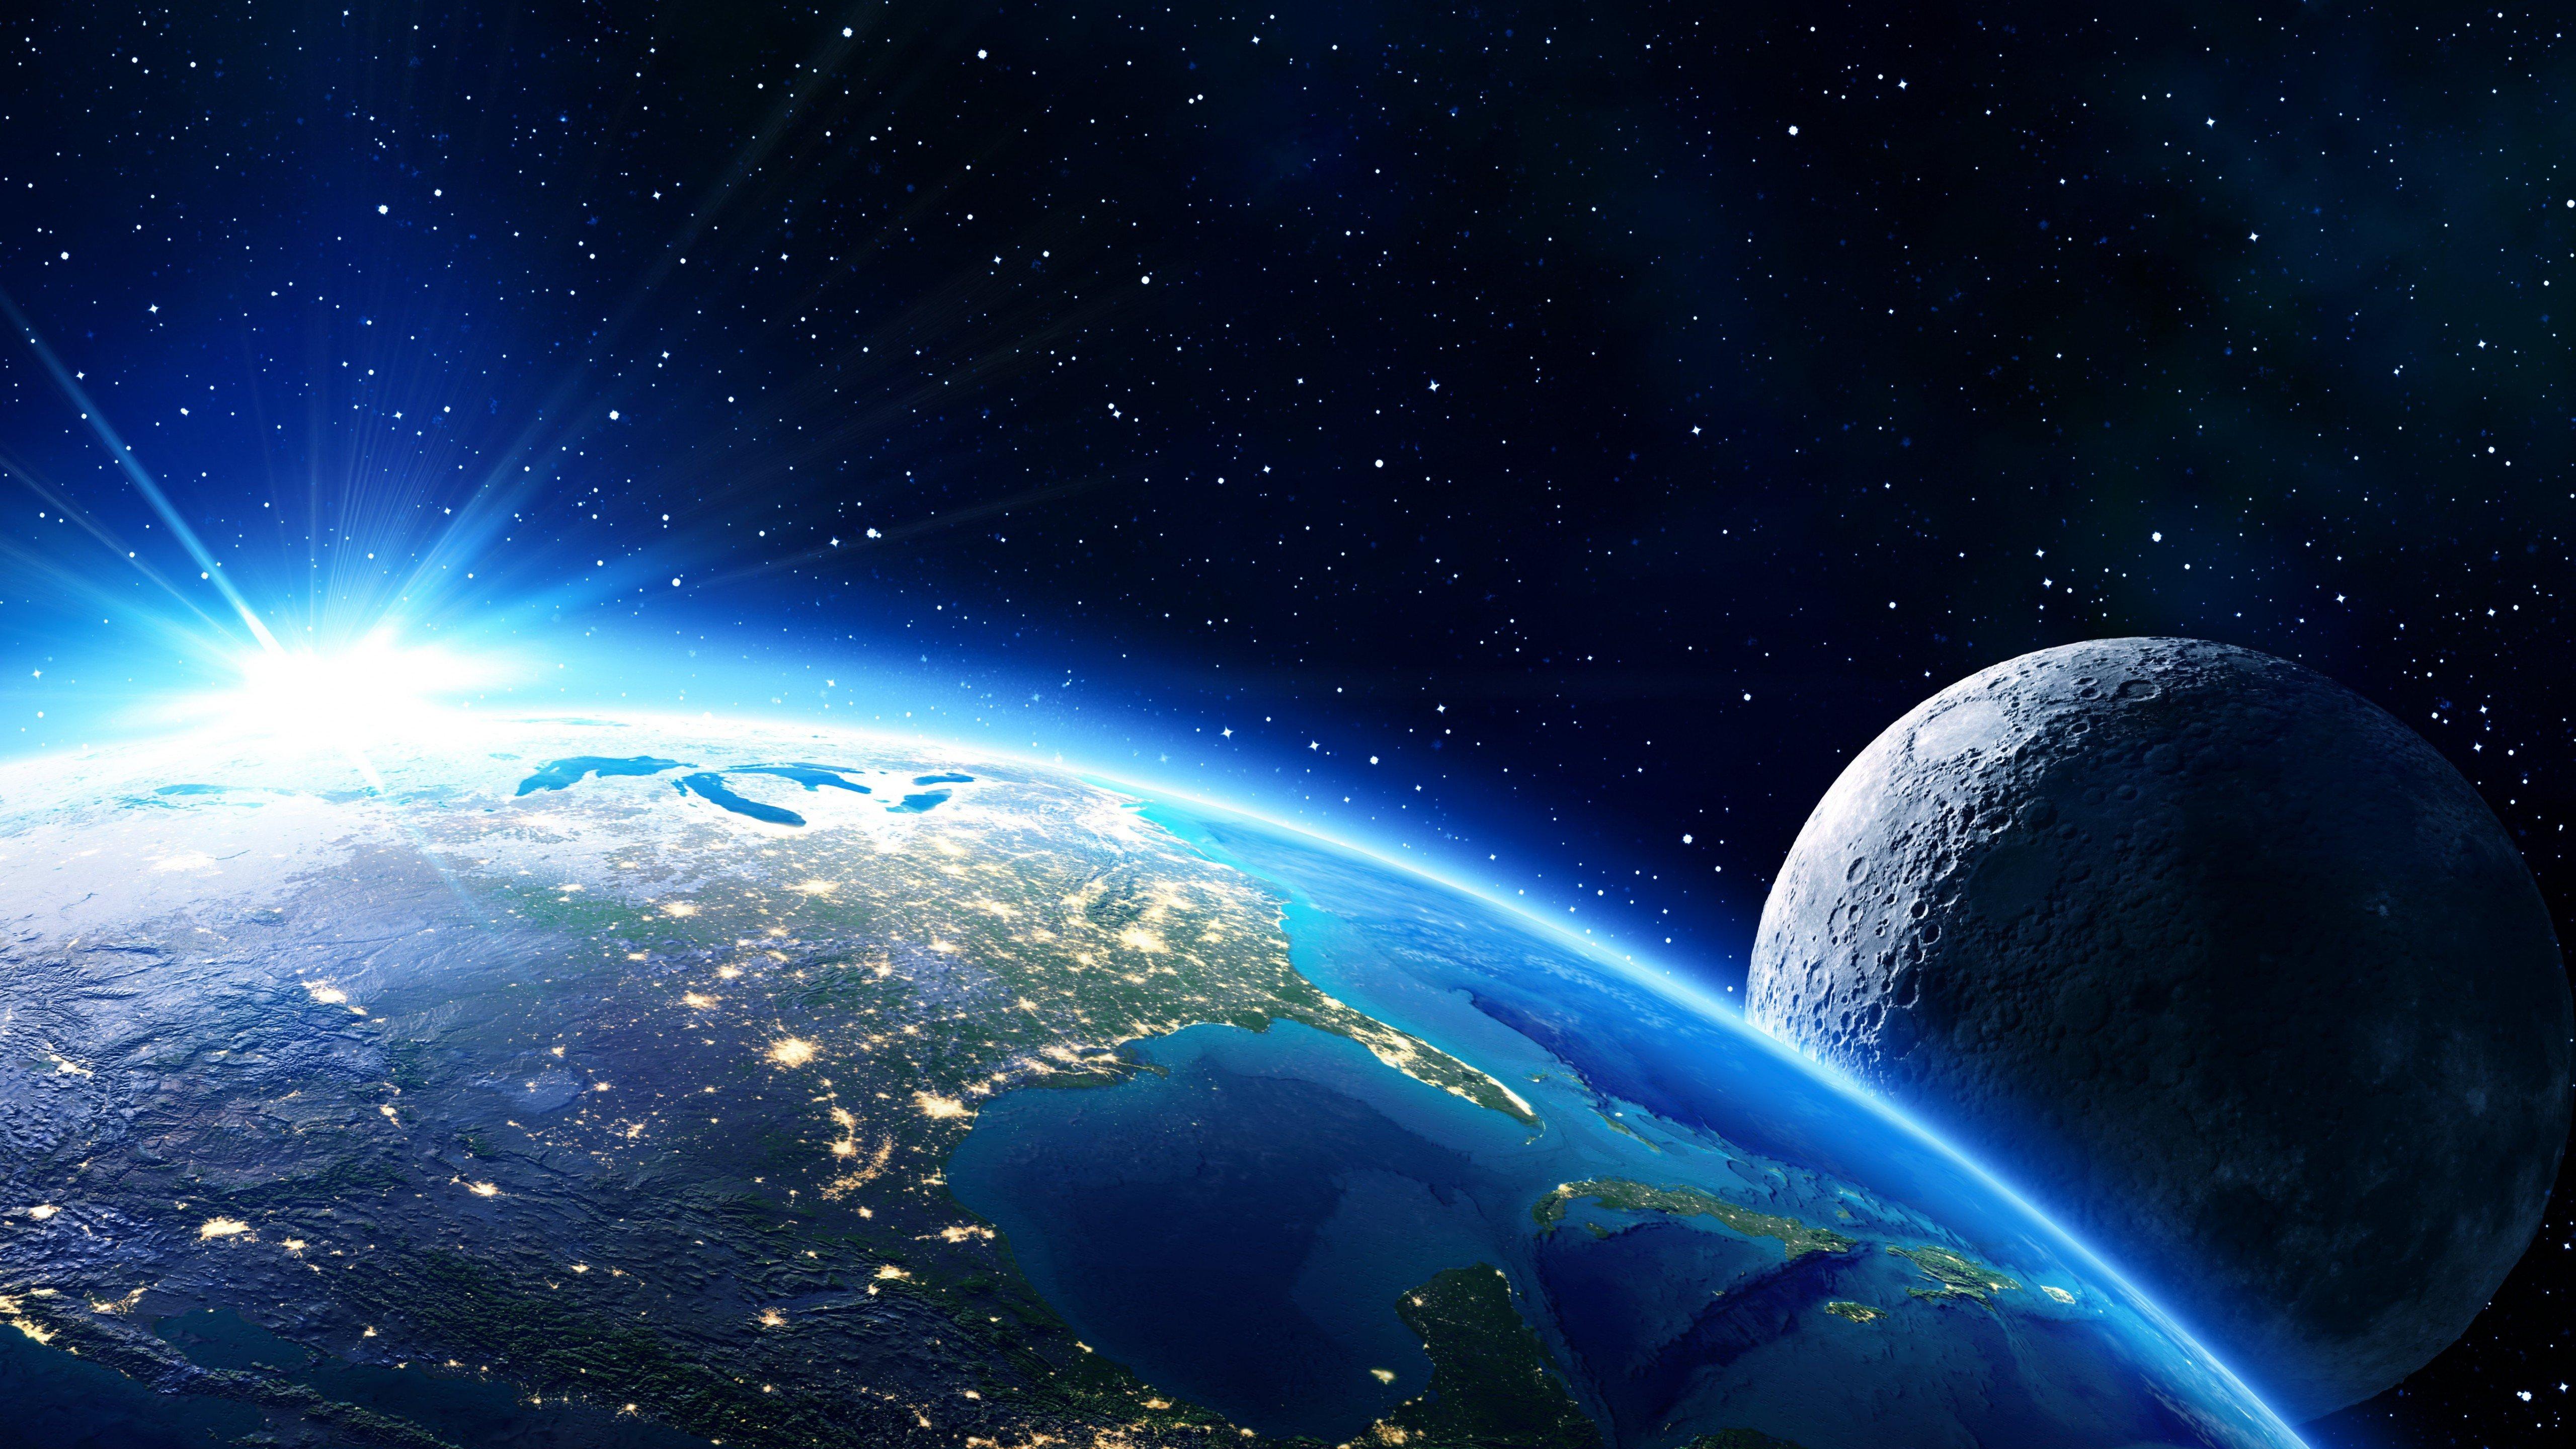 Fondos de pantalla Tierra y luna a la luz del sol